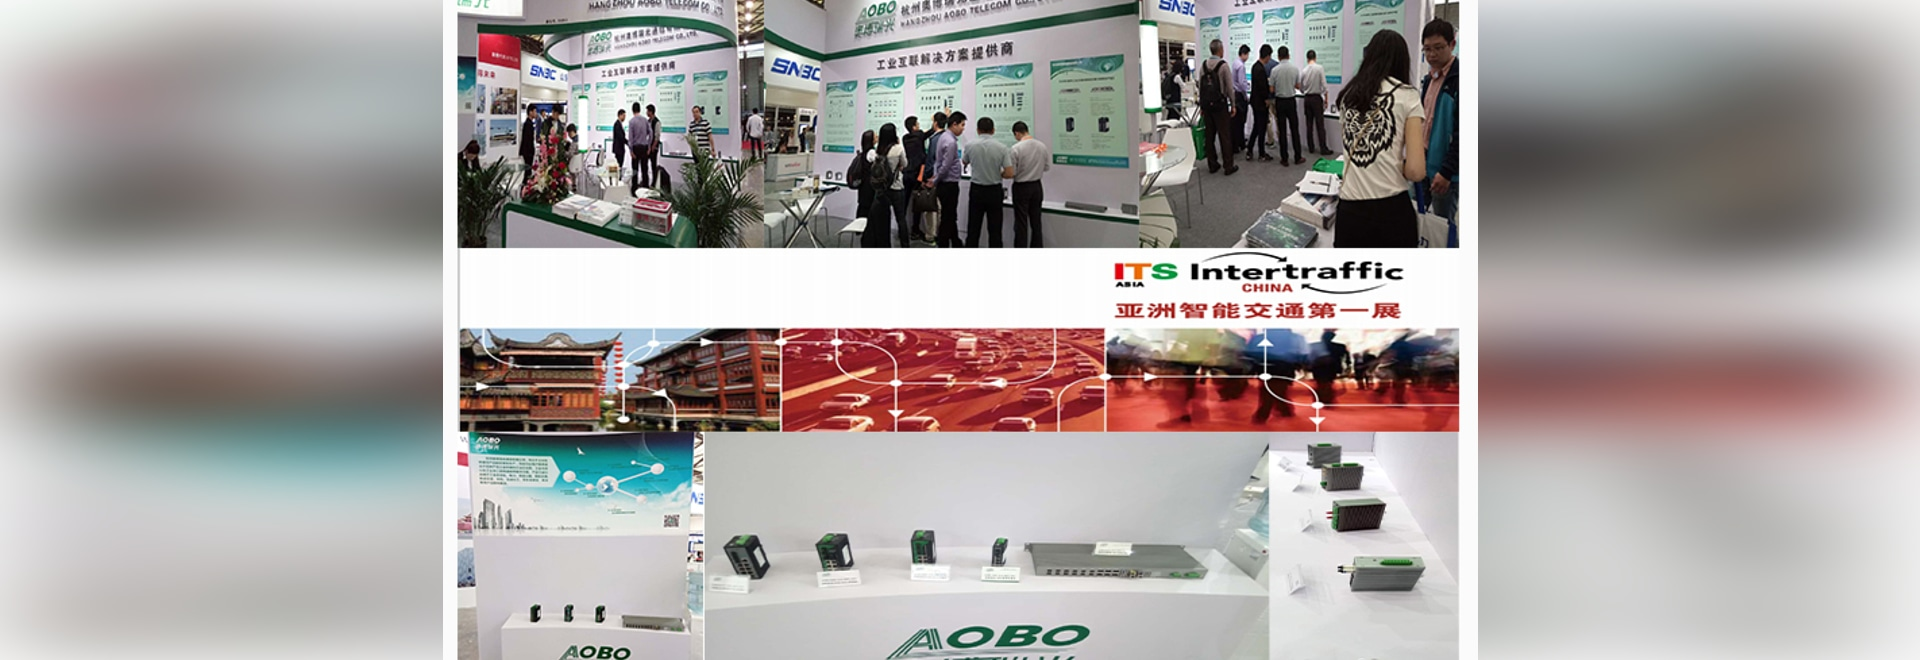 AOBO, das späteste Lösungen und Produkte bei SEINEM Asien zeigt